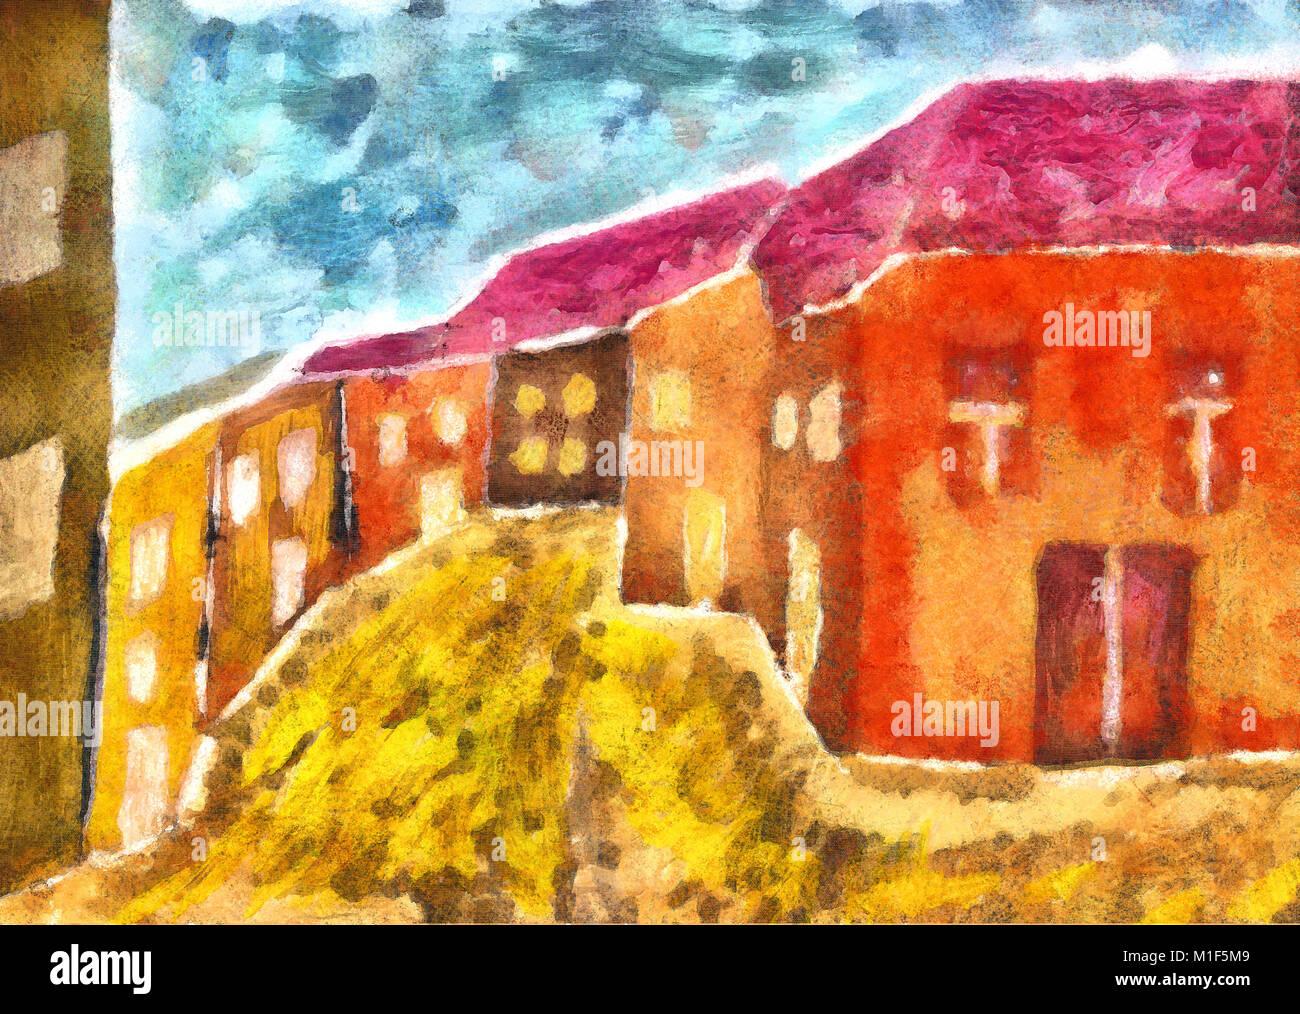 Elaborati digitalmente gouache picture case colorate Immagini Stock